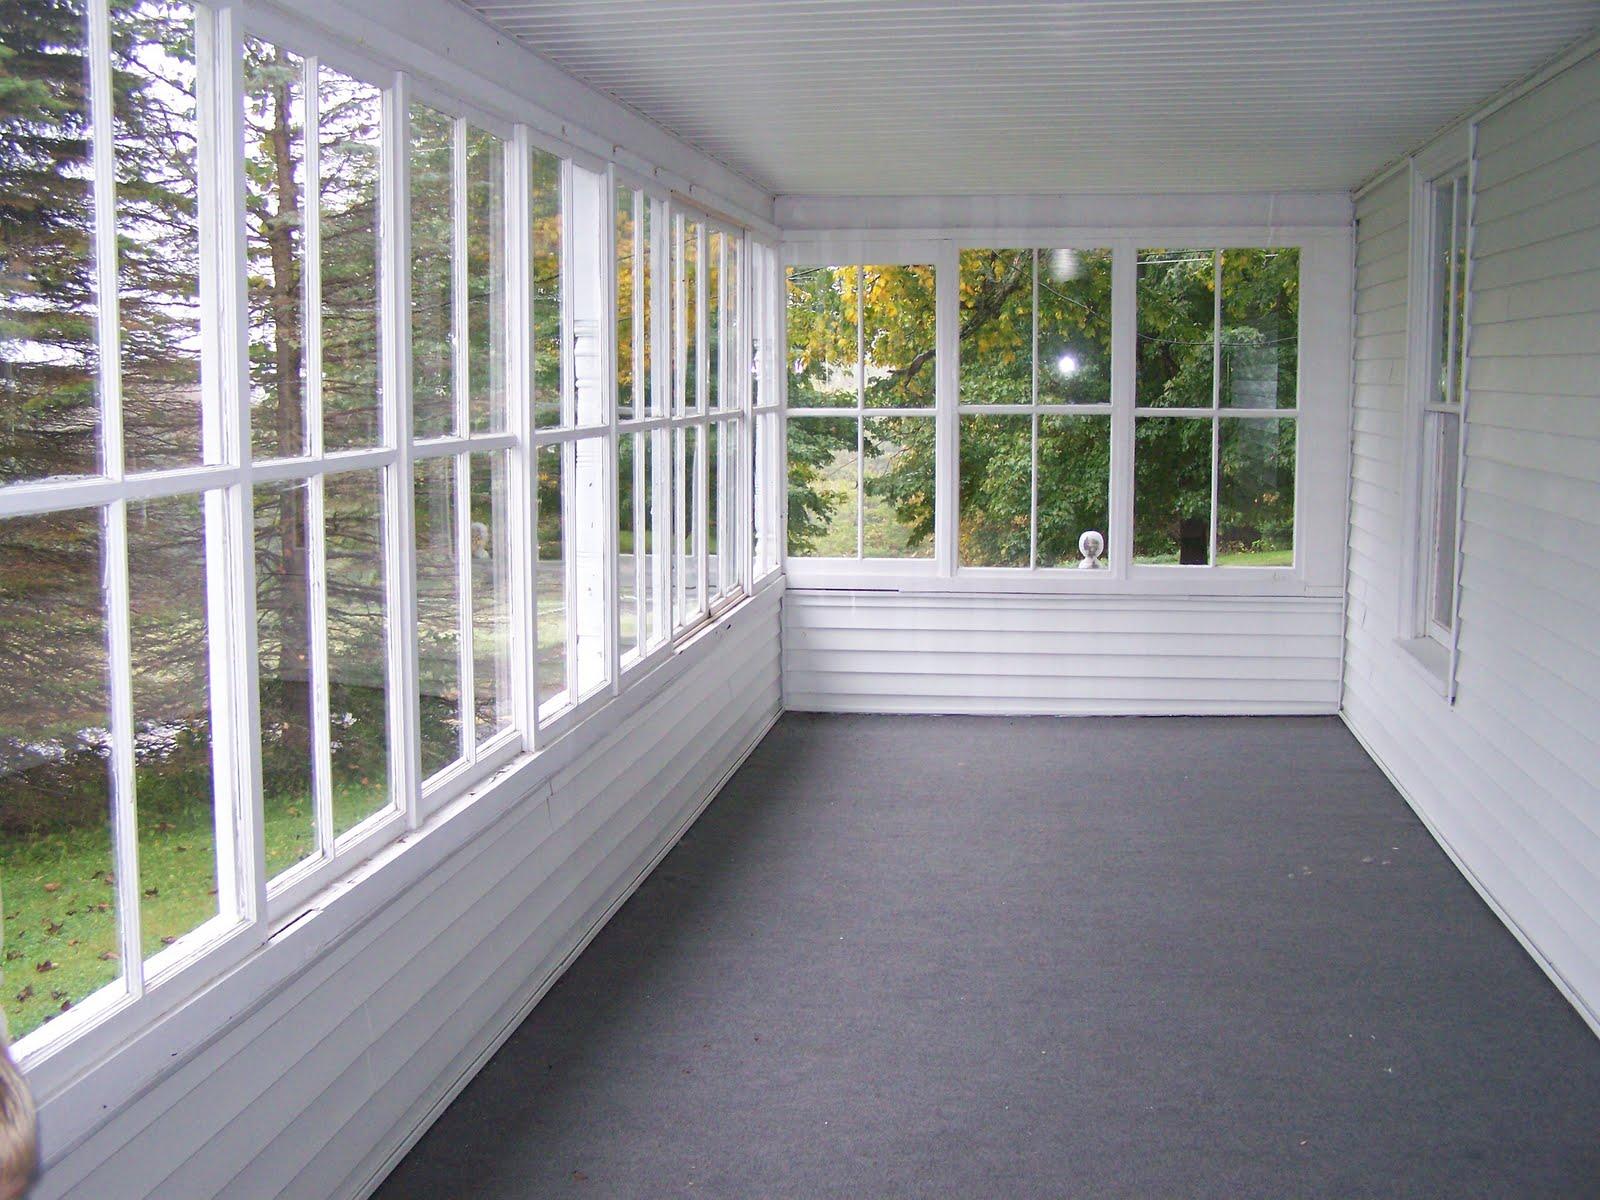 Enclosed Front Porch Ideas | Joy Studio Design Gallery ... on Enclosed Back Deck Ideas id=74368